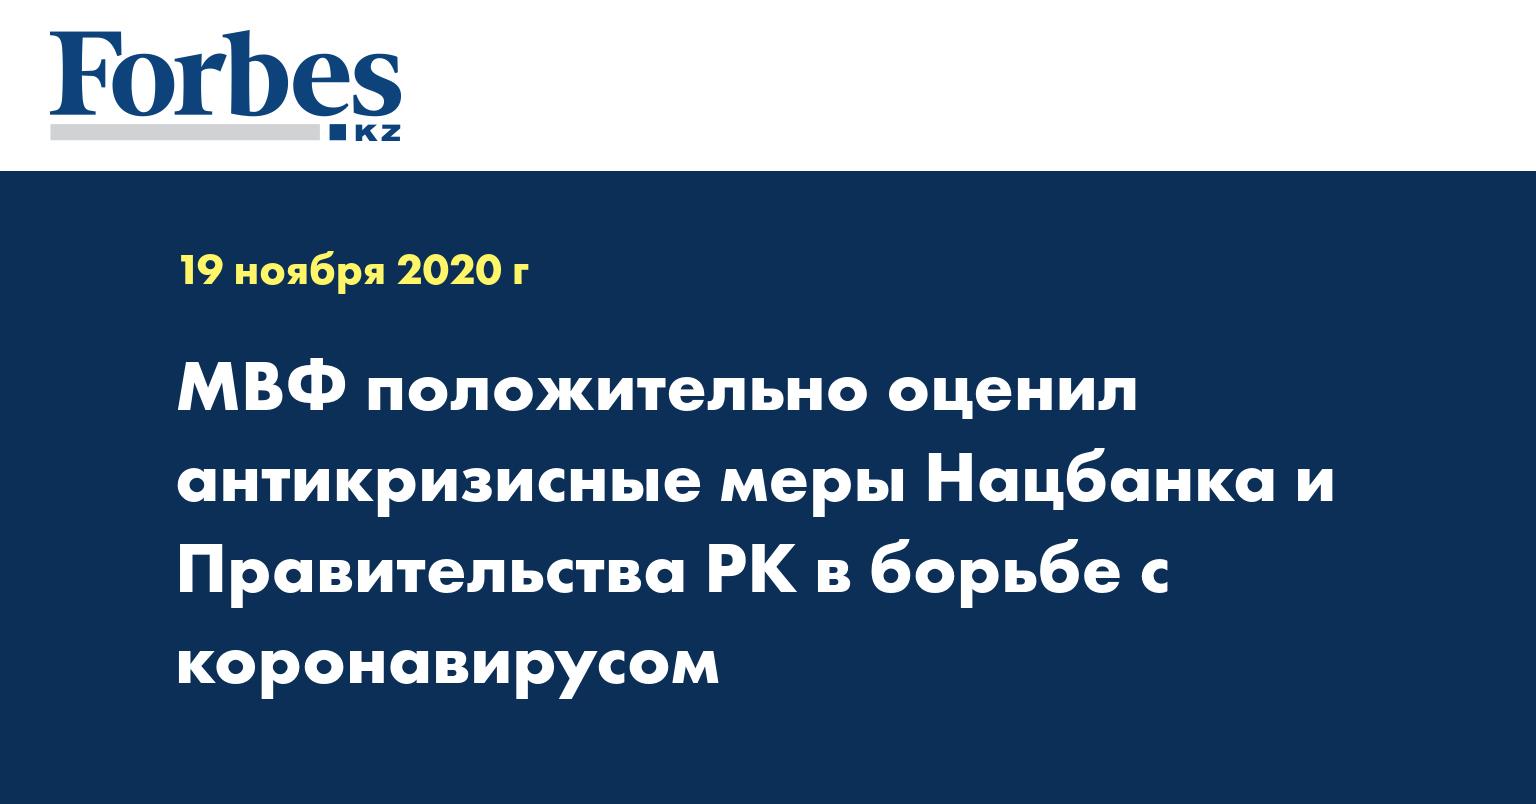 МВФ положительно оценил антикризисные меры Нацбанка и правительства РК в борьбе с коронавирусом